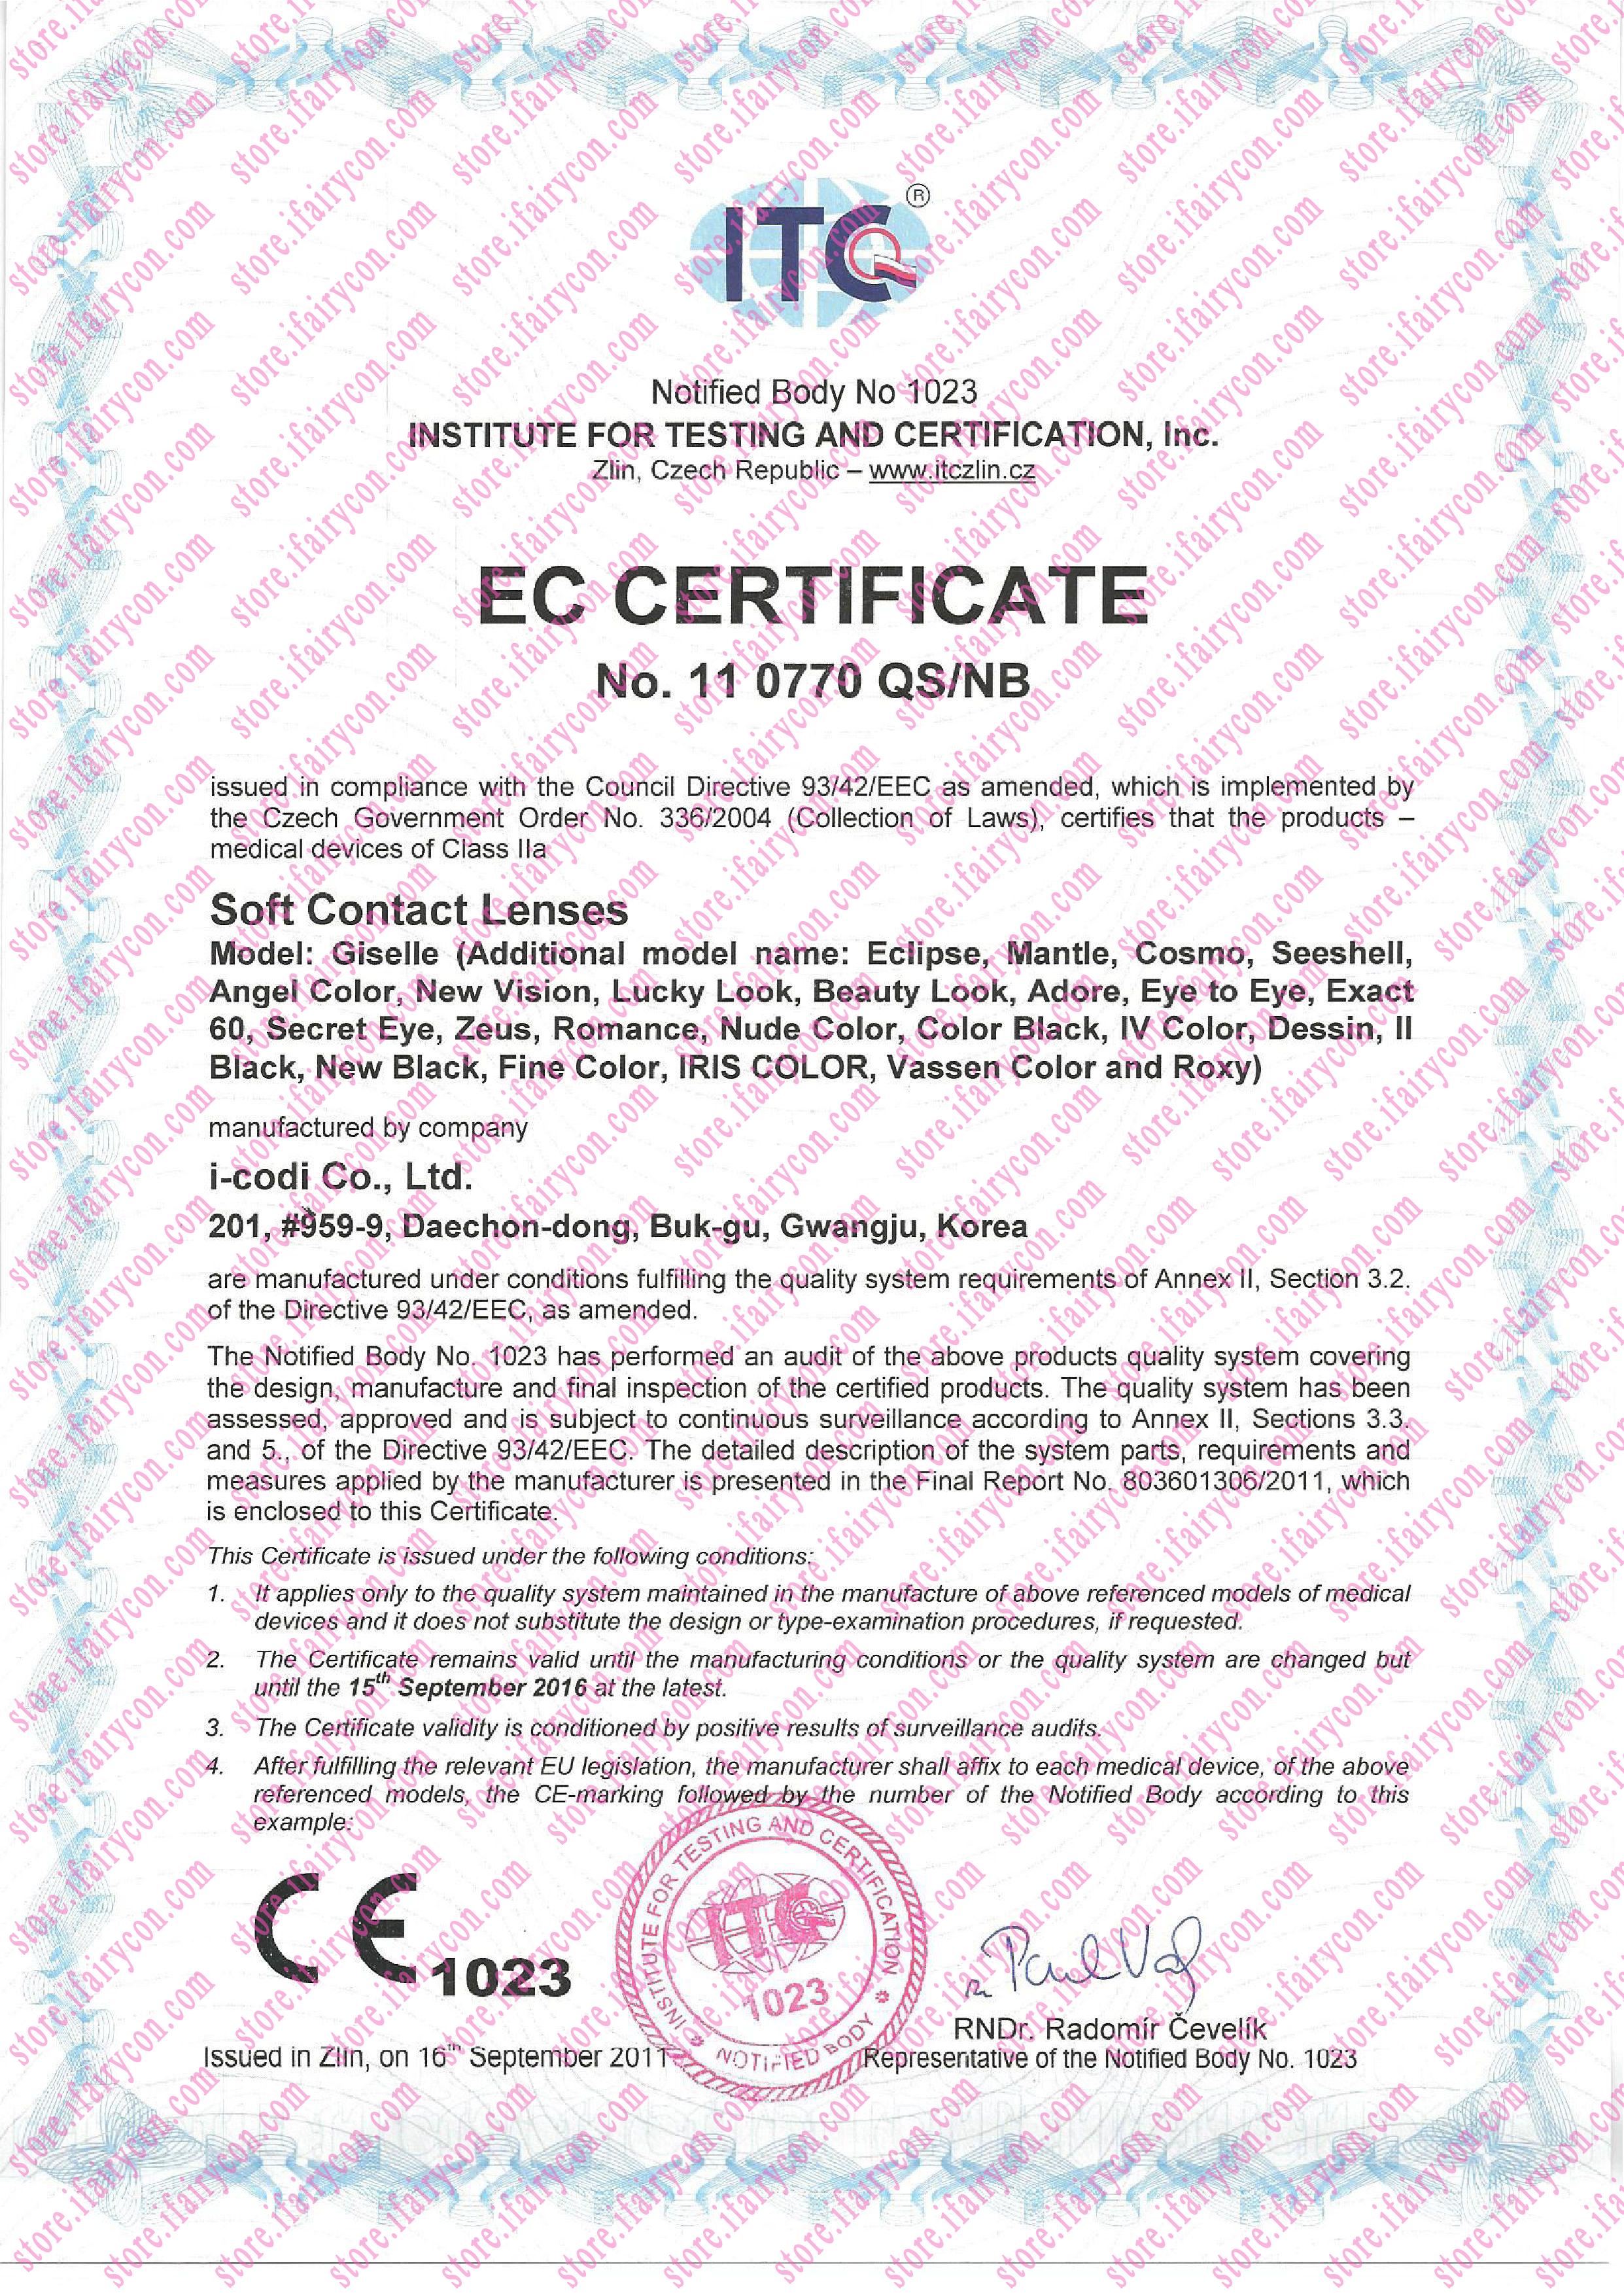 i-codi-ce-1023-done.png